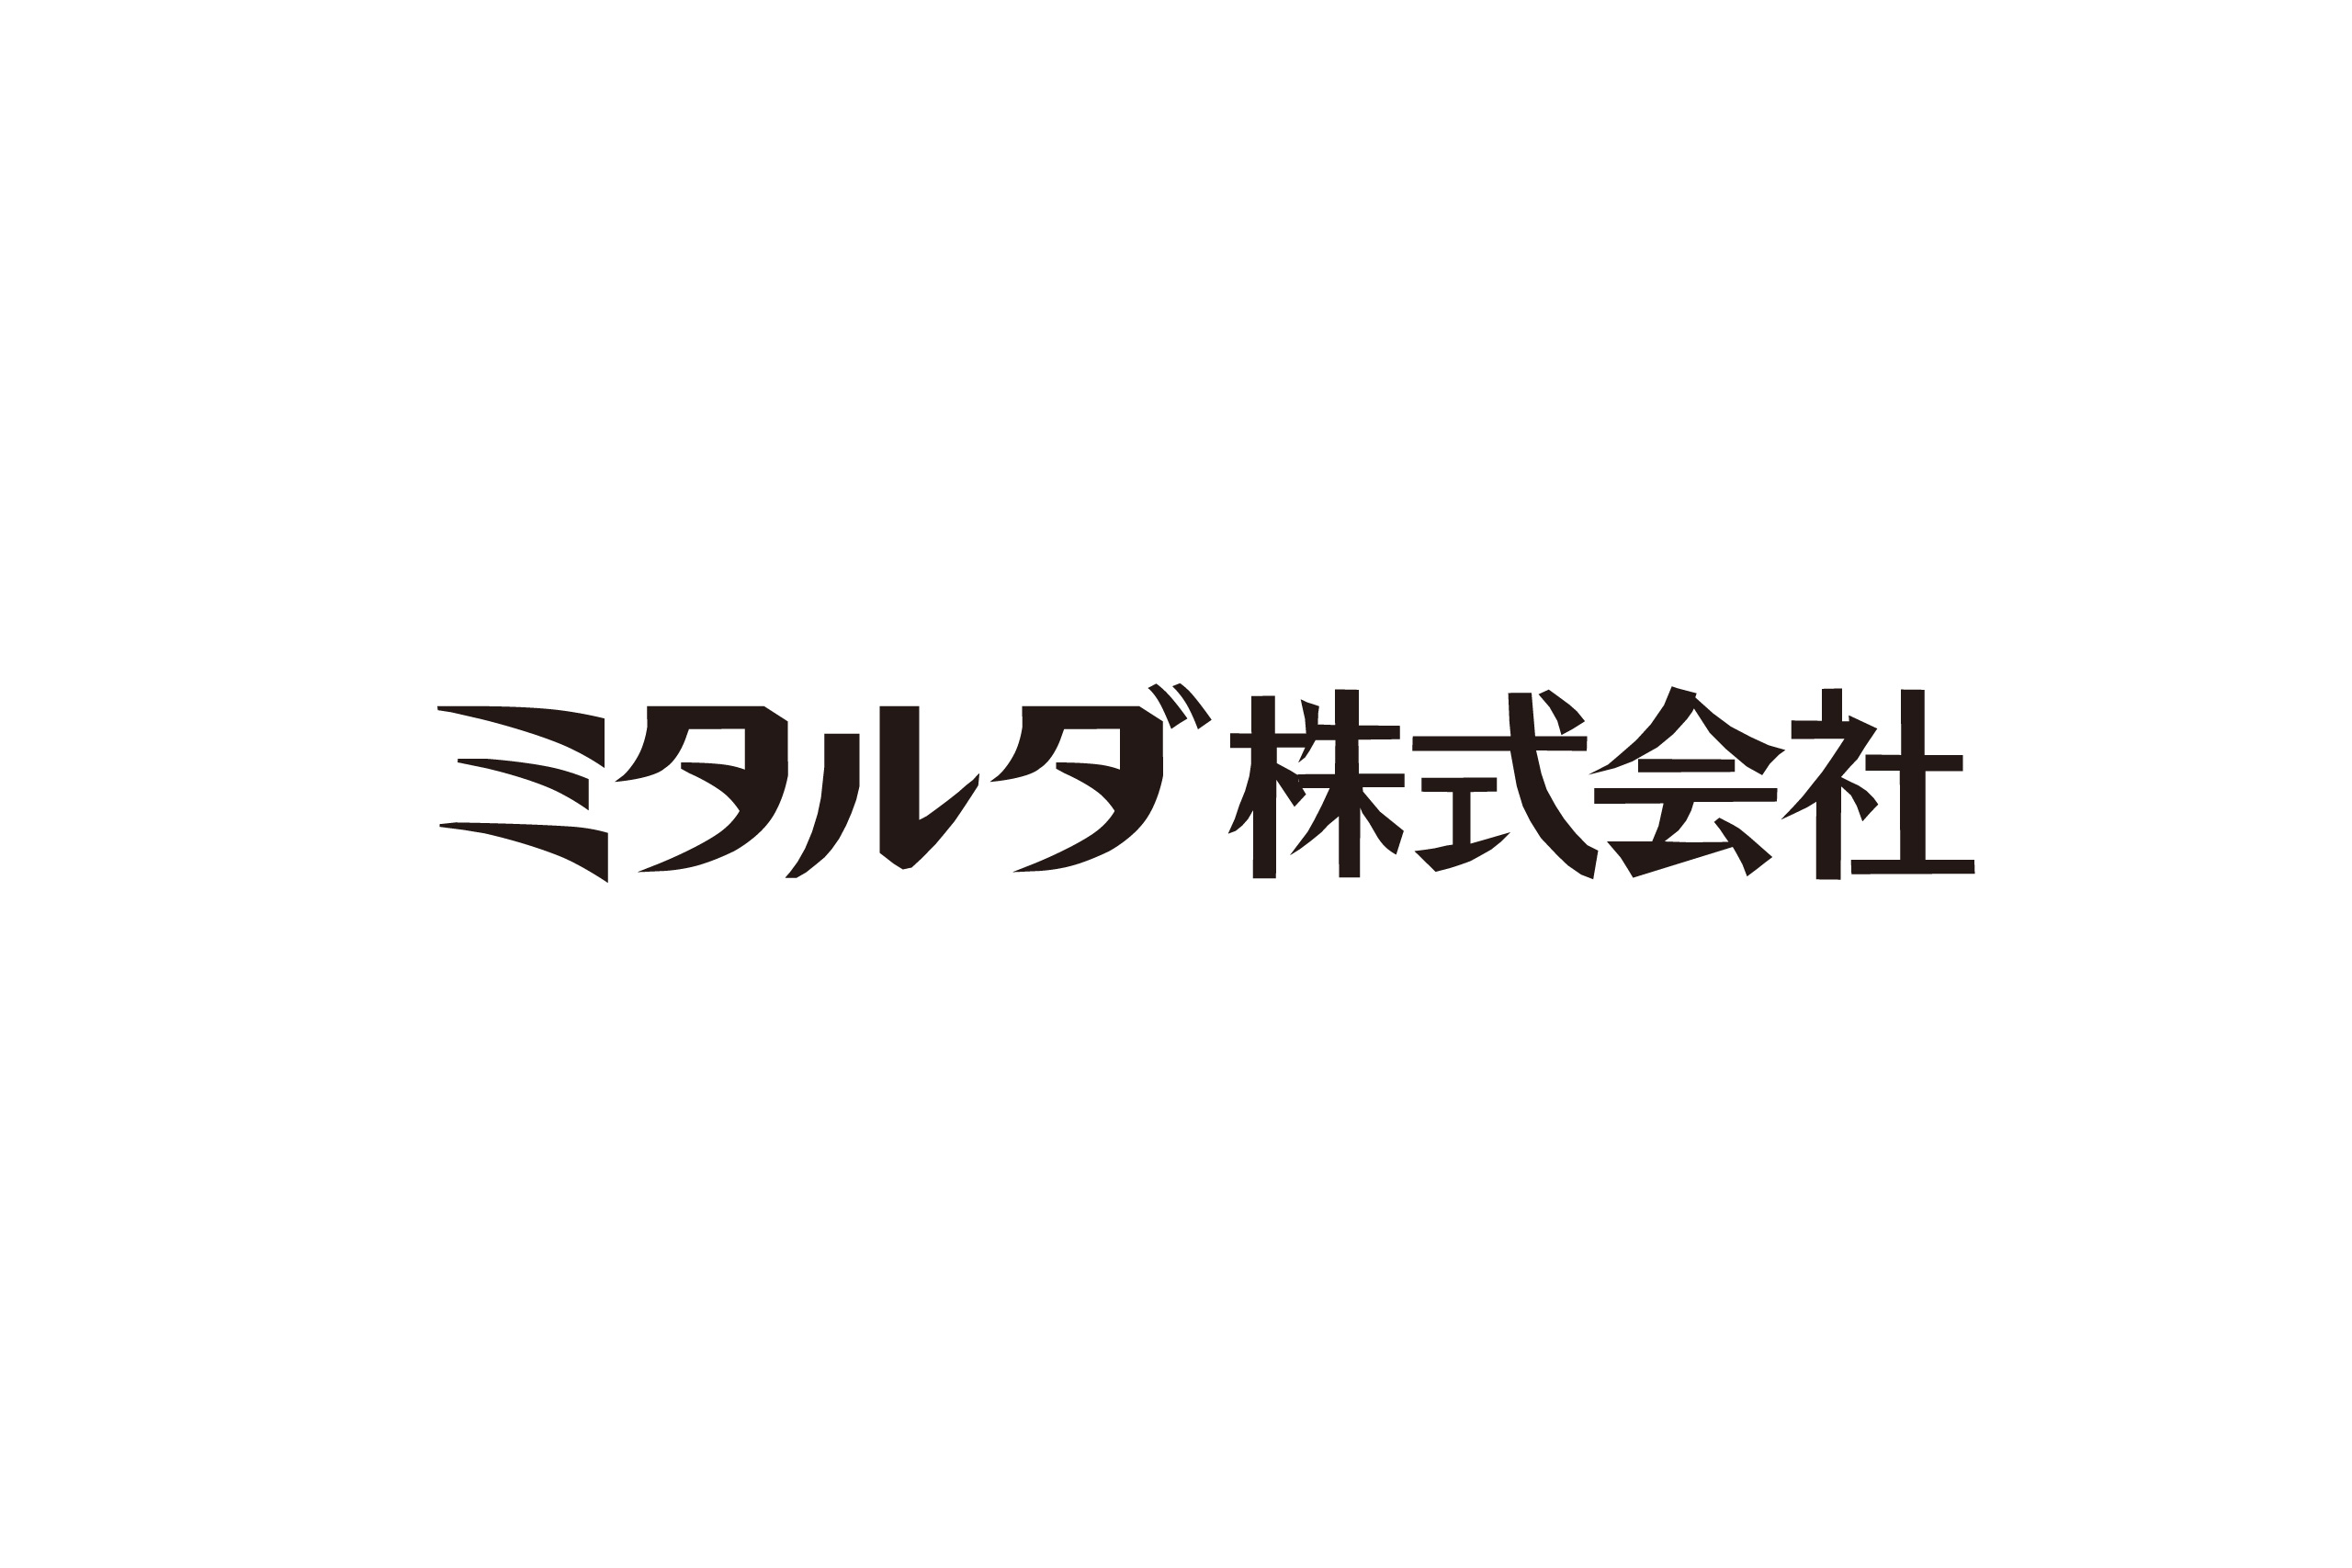 ミタルダ株式会社